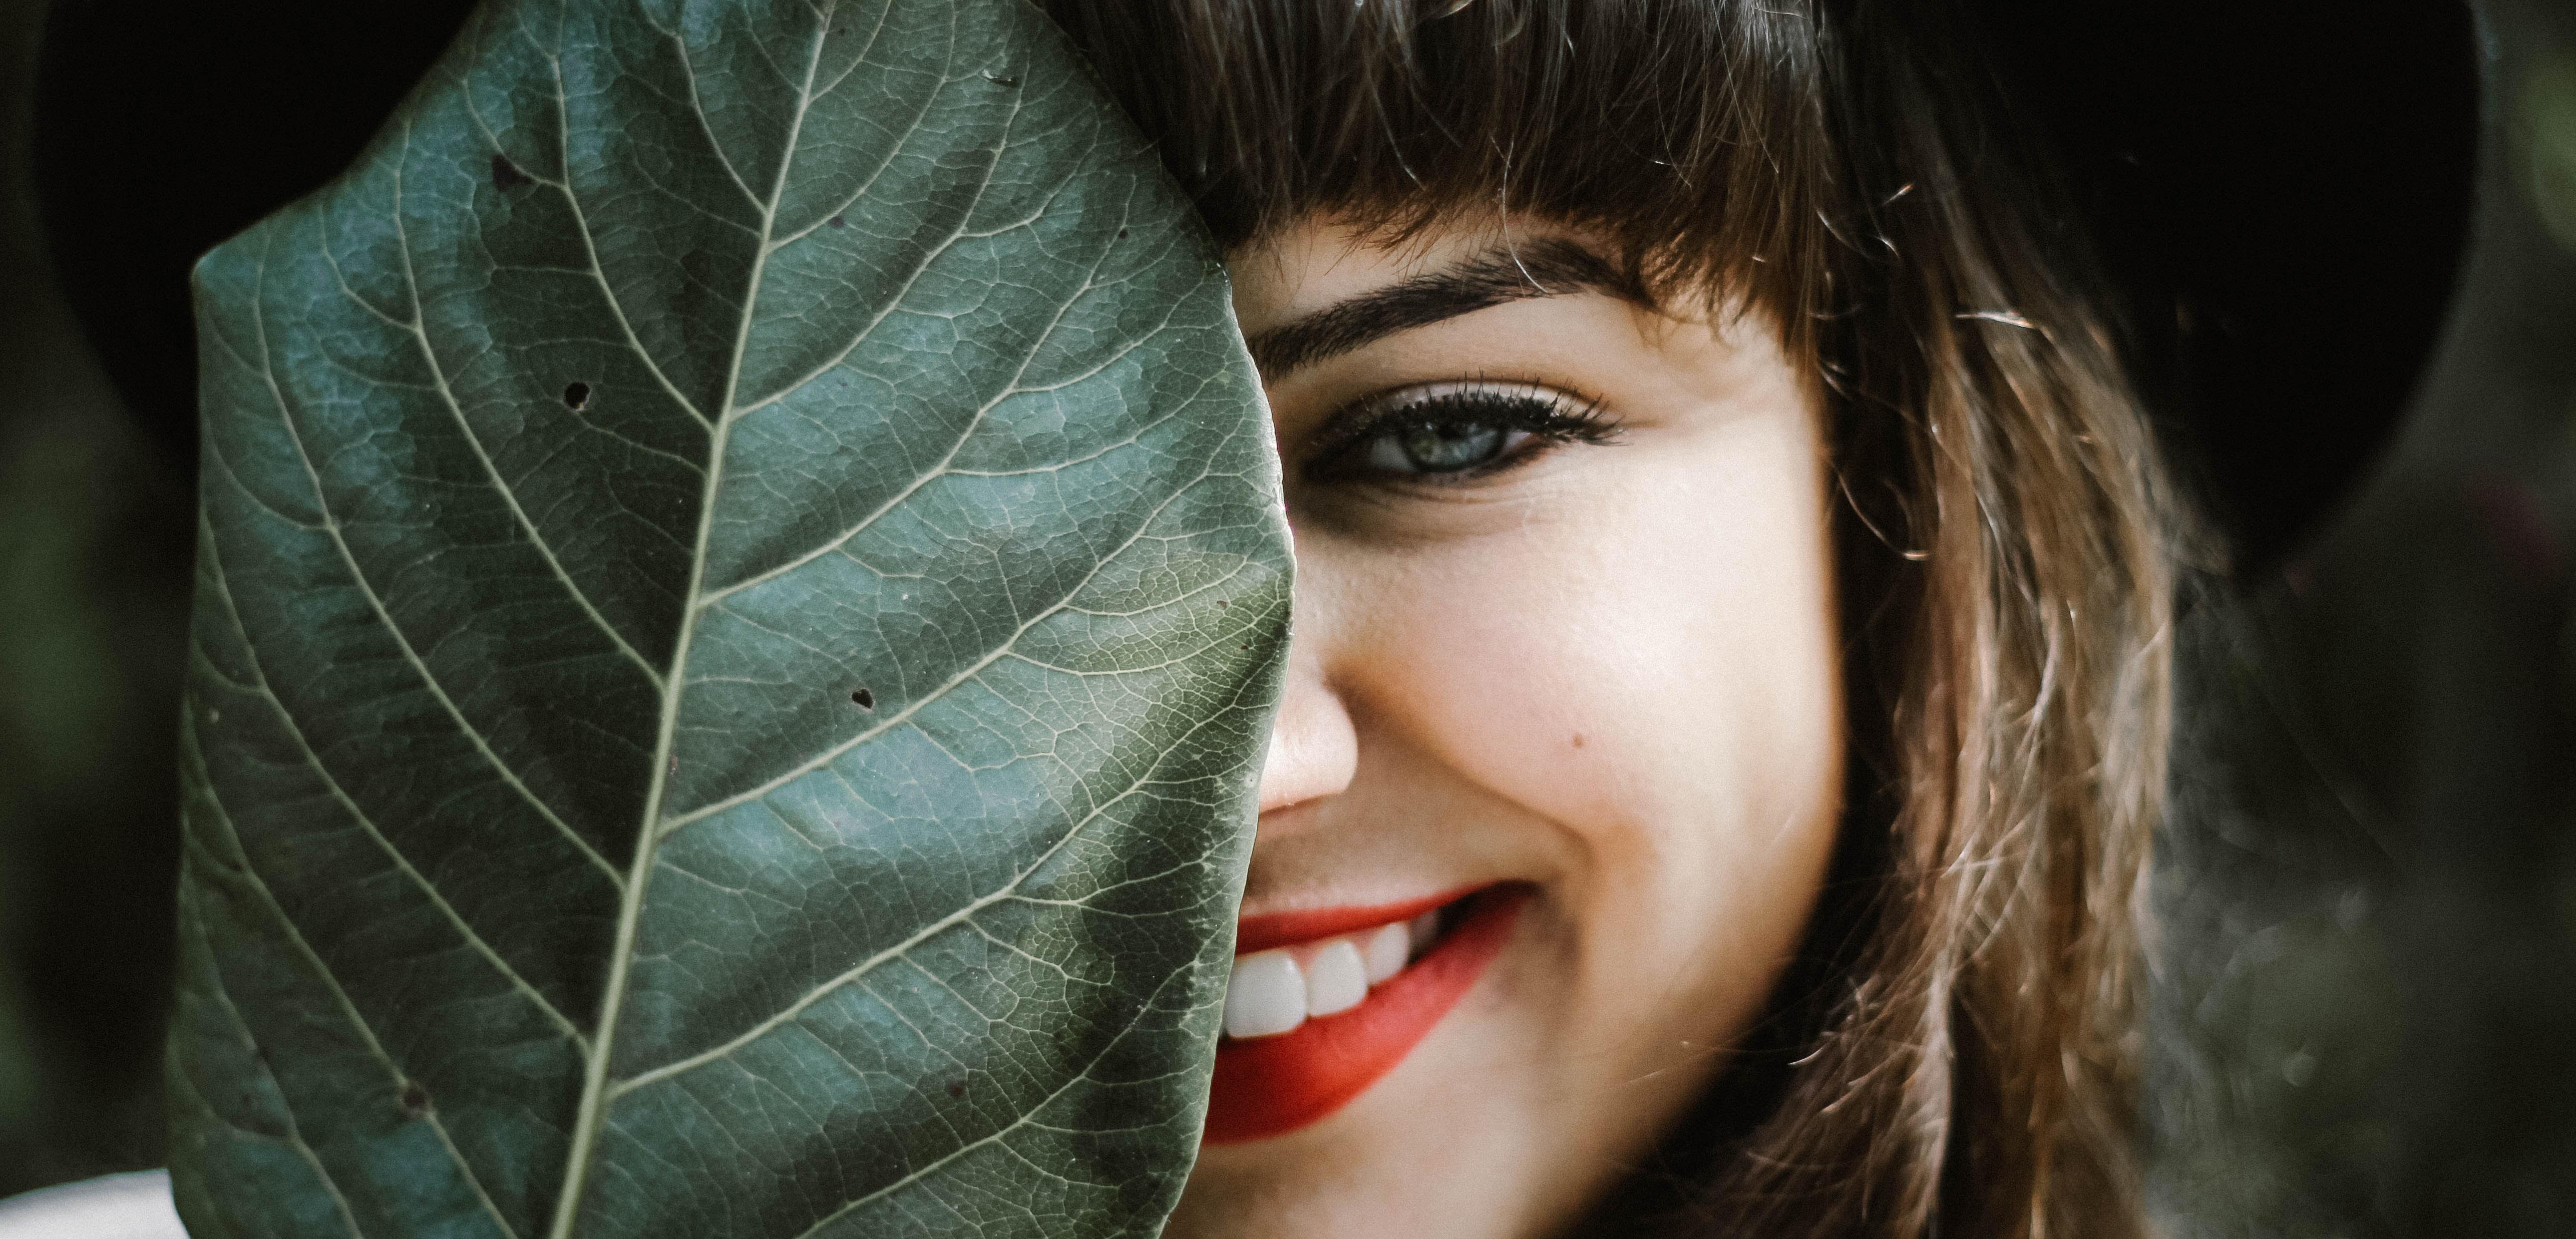 Az Amazon Szépségszalonban megadják azt, amire minden nő vágyik: már reggel friss, fiatalos és smink nélkül is csodás arcbőrt. Kiemelt ajánlatuk keretében kedvezményesen veheted igénybe a tű nélküli mezoterápia kezelést!